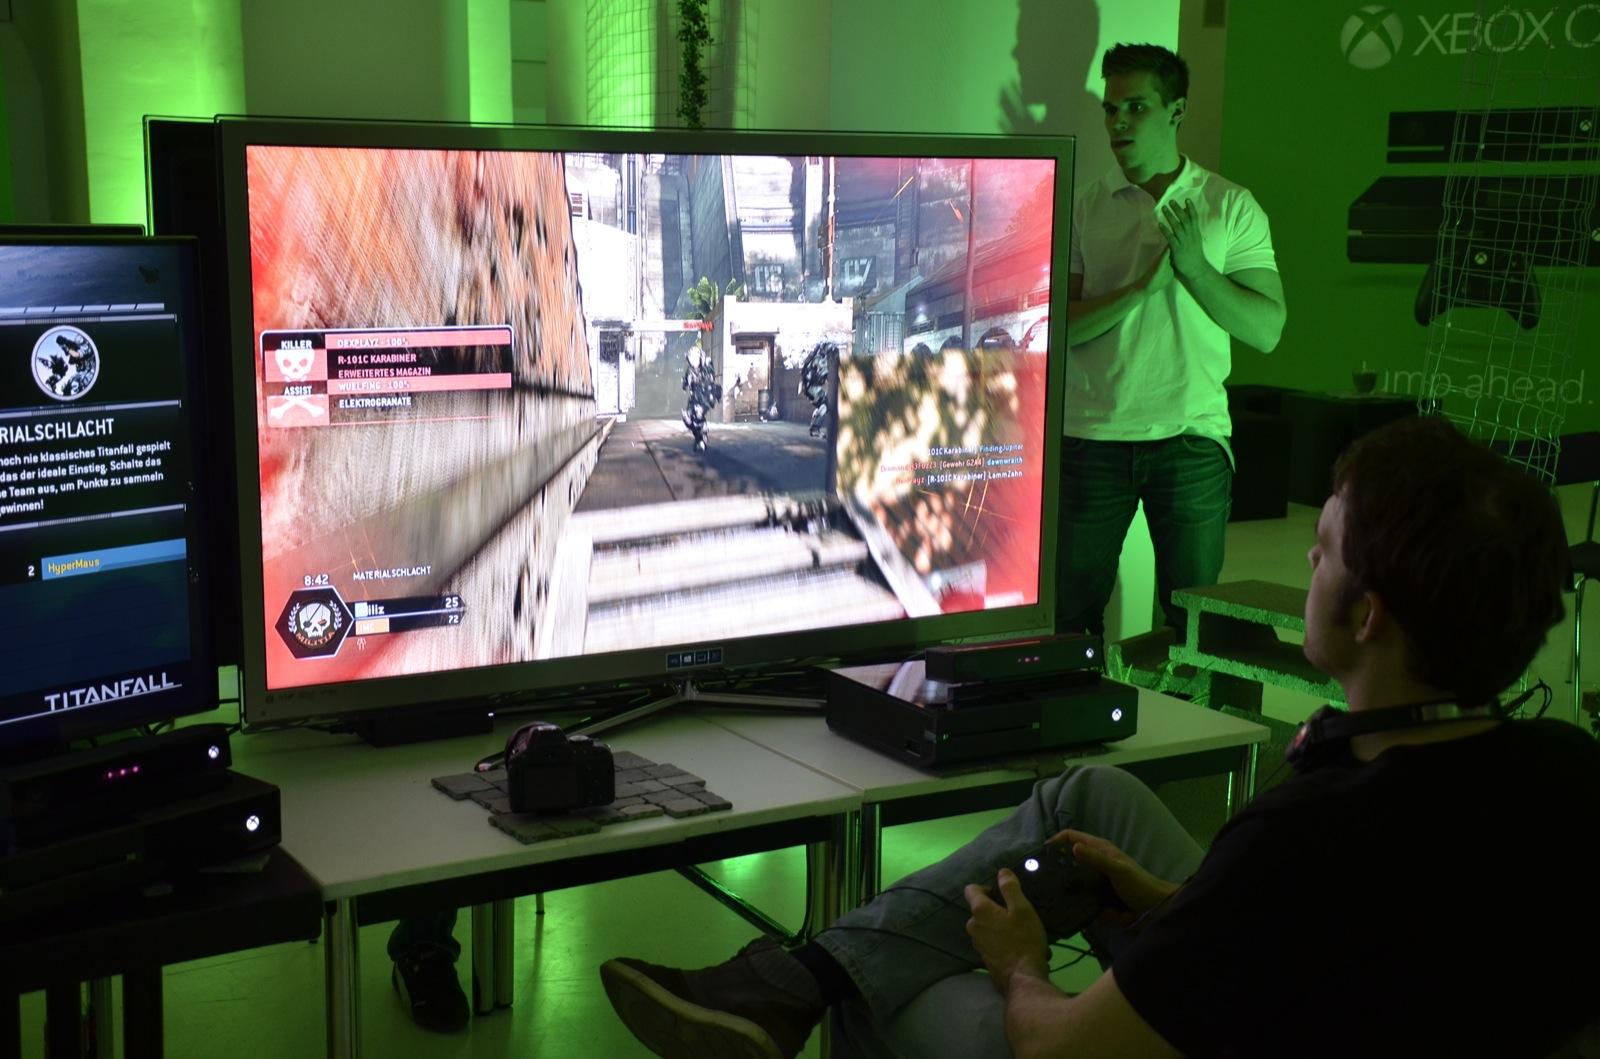 Titanfall 2 Entwicklung und PS4 Version bestätigt